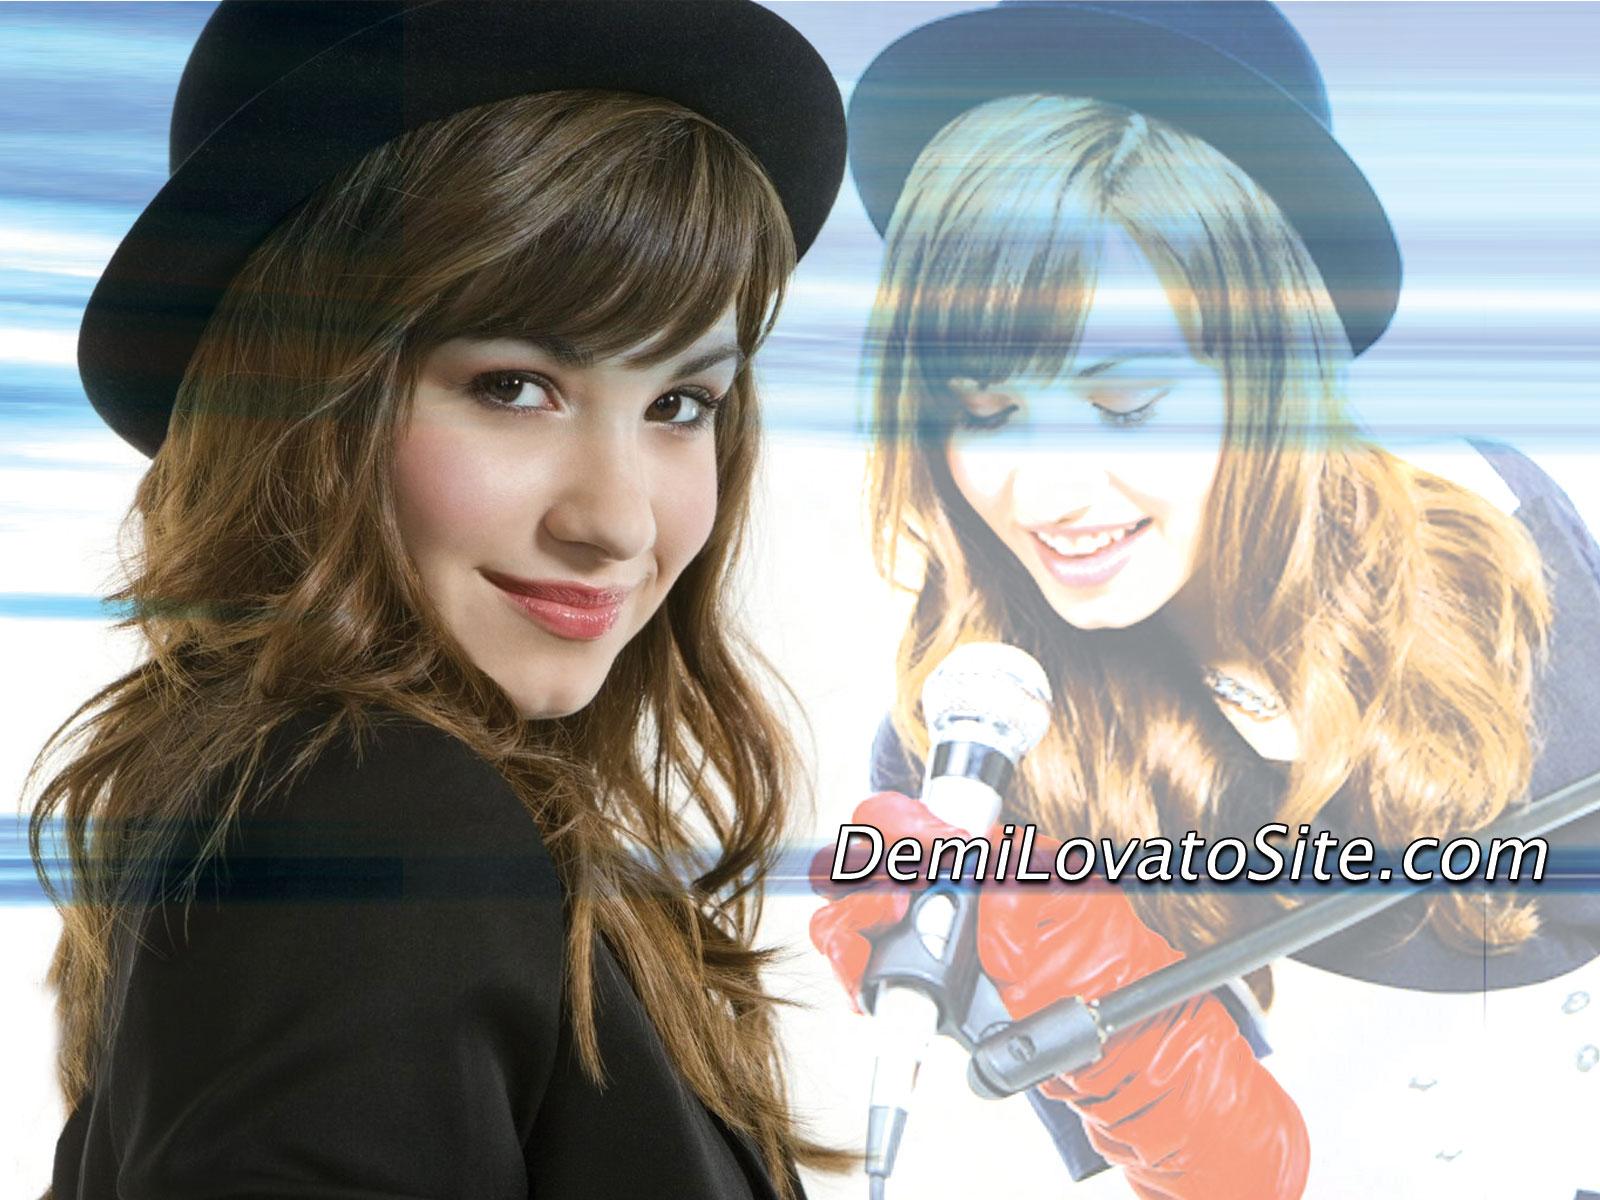 http://4.bp.blogspot.com/-ss3VXOsgSts/Tp6S9Fij1lI/AAAAAAAAAVo/7bxFAdidho0/s1600/Demi-Lovato-Cute-Wallpaper.jpg